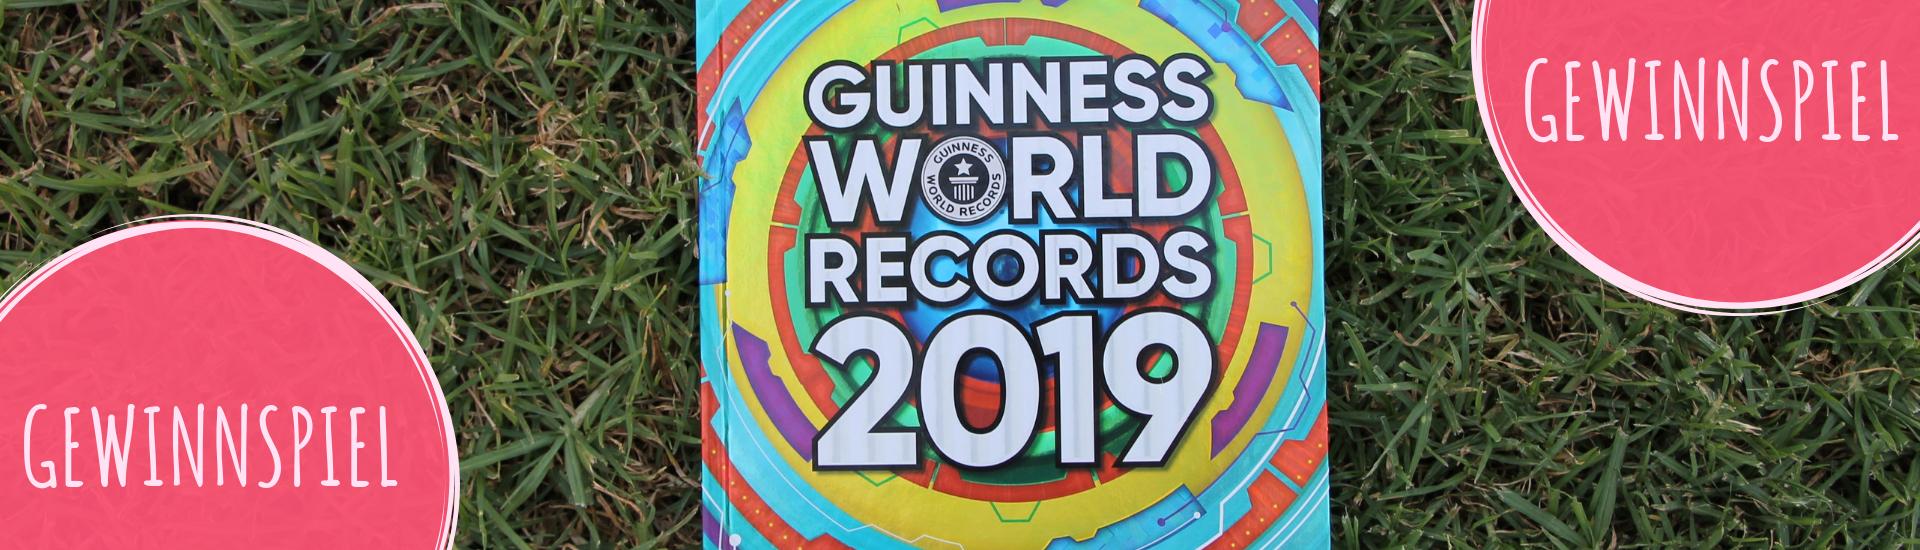 Gewinnspiel Guinness World Records 2019 Buch